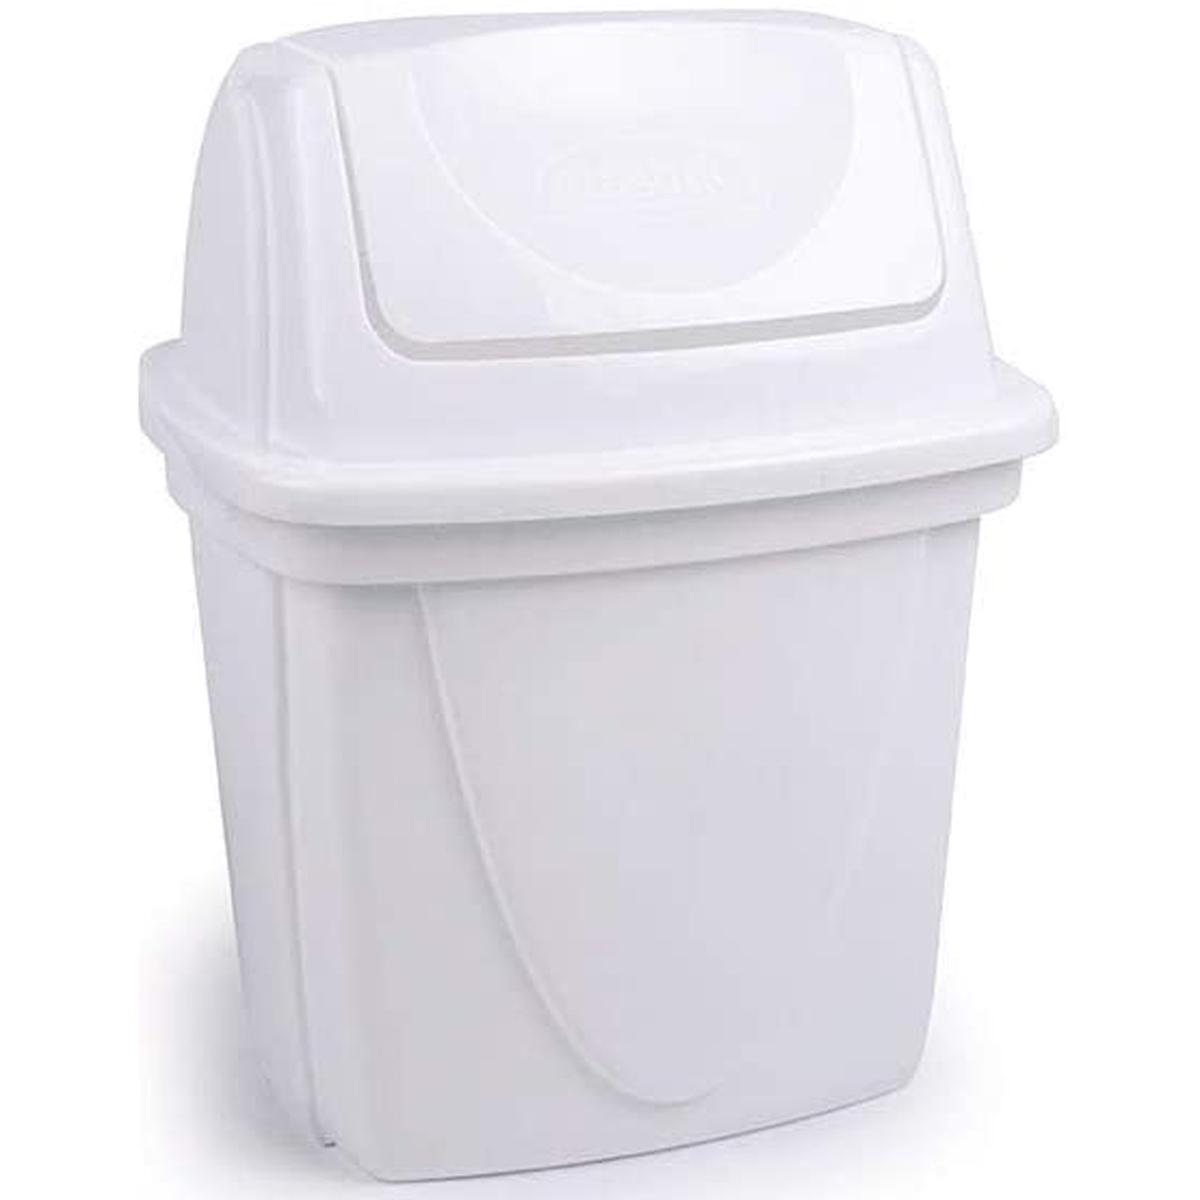 Lixeira de plástico para pia basculante 6,5 Litros Branca